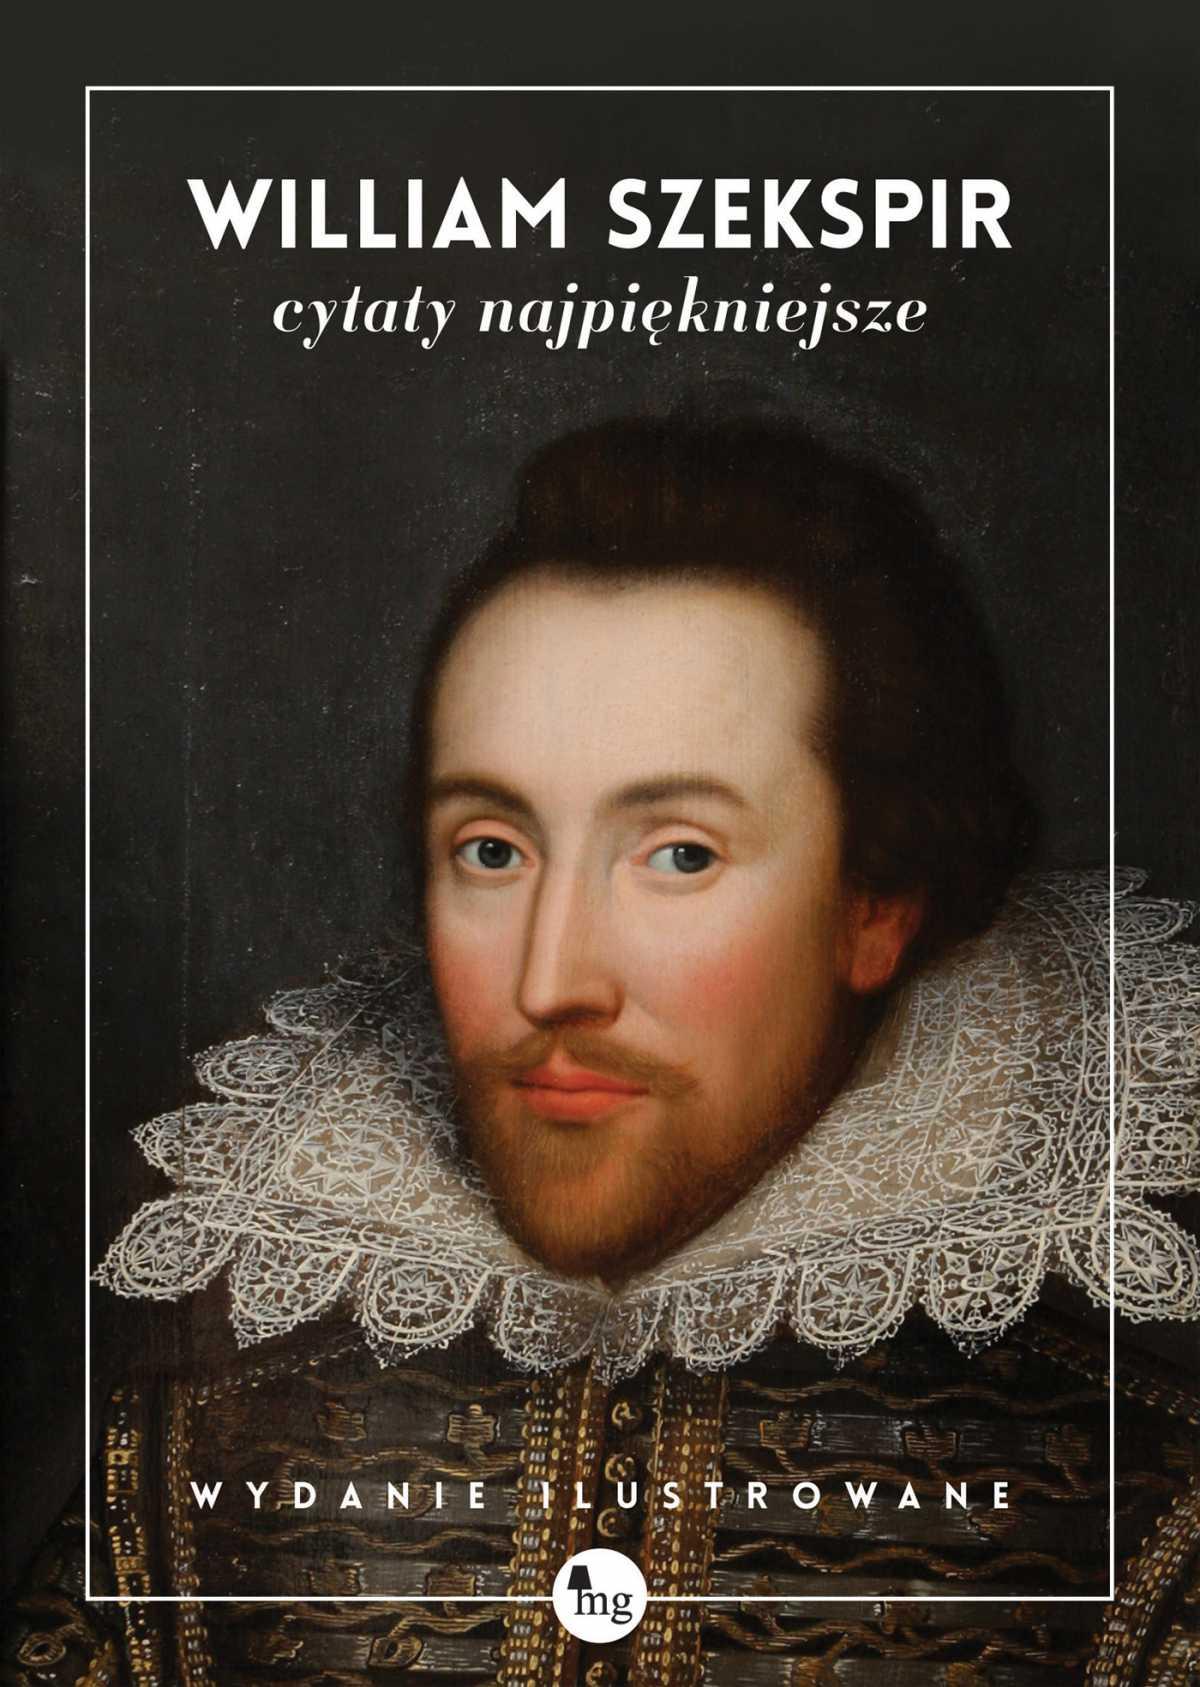 William Szekspir. Cytaty najpiękniejsze - Ebook (Książka EPUB) do pobrania w formacie EPUB